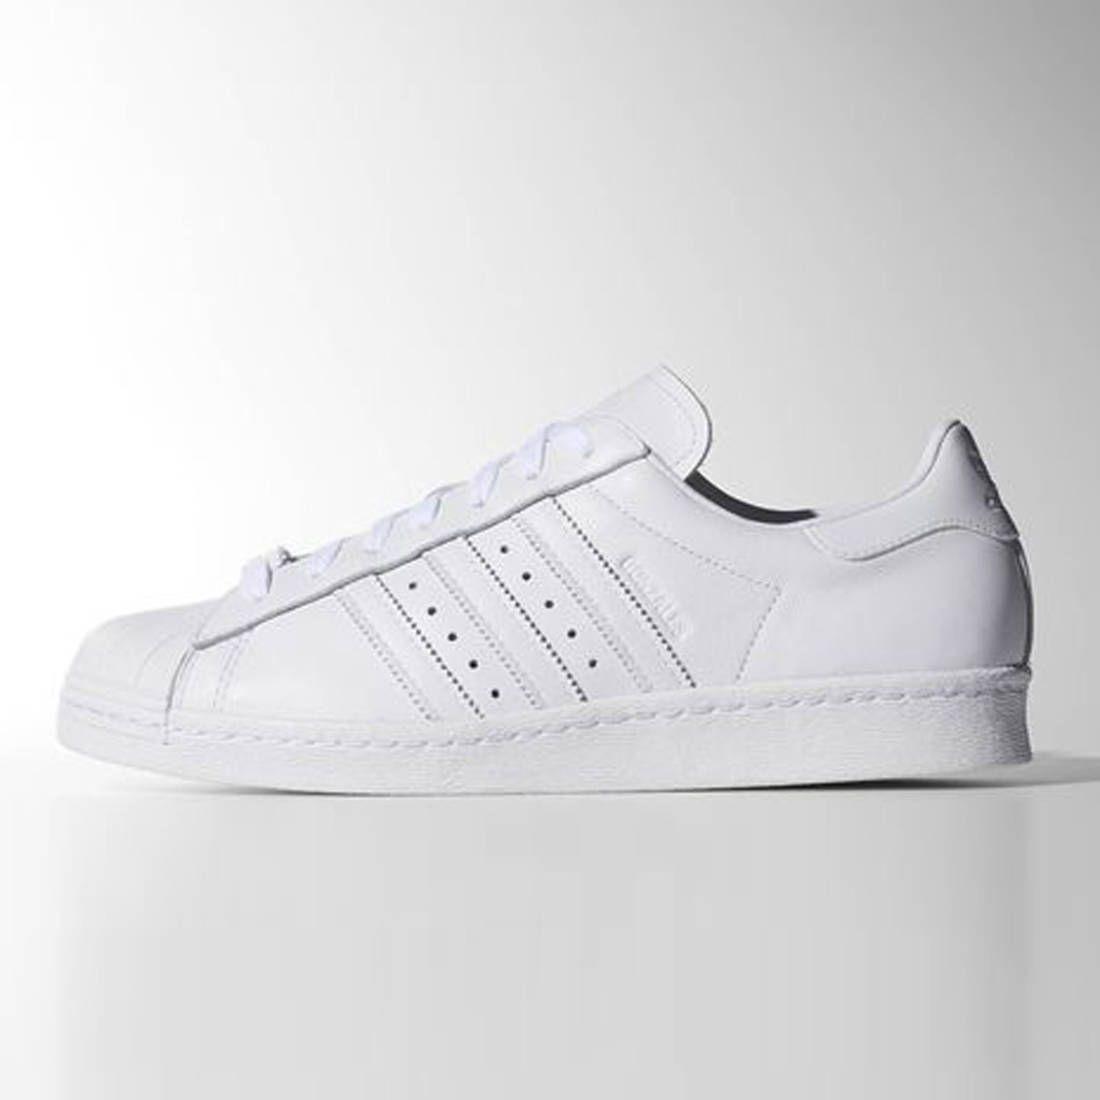 nouveau produit e20c0 0fd2e Baskets blanches Adidas - Trouver basket blanche à son pied ...